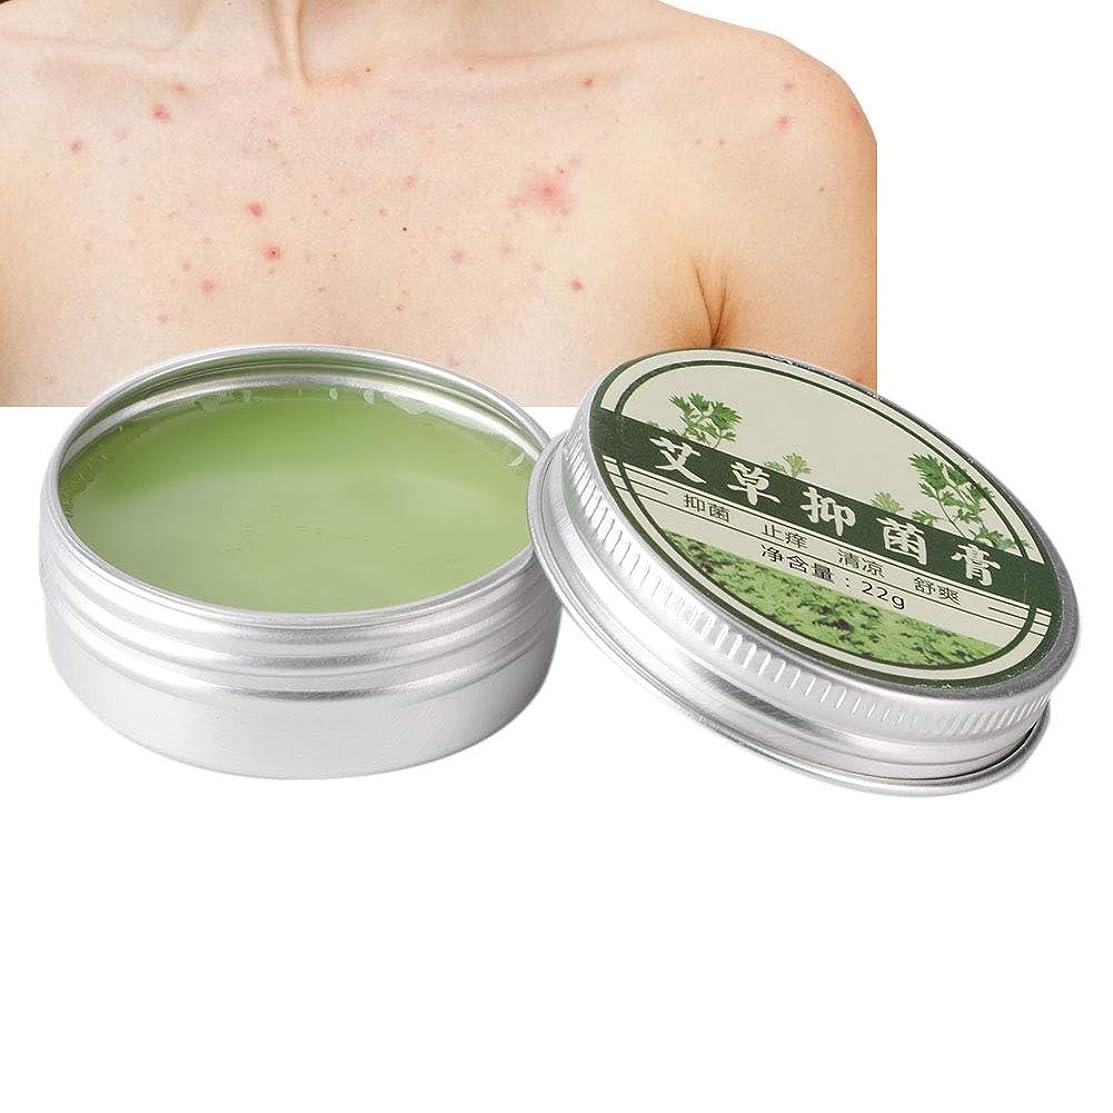 保守可能毛皮改革5本のびん22gの灸の必要なクリーム、すべての肌タイプのためのMoxaの健康のスキンケアのクリーム